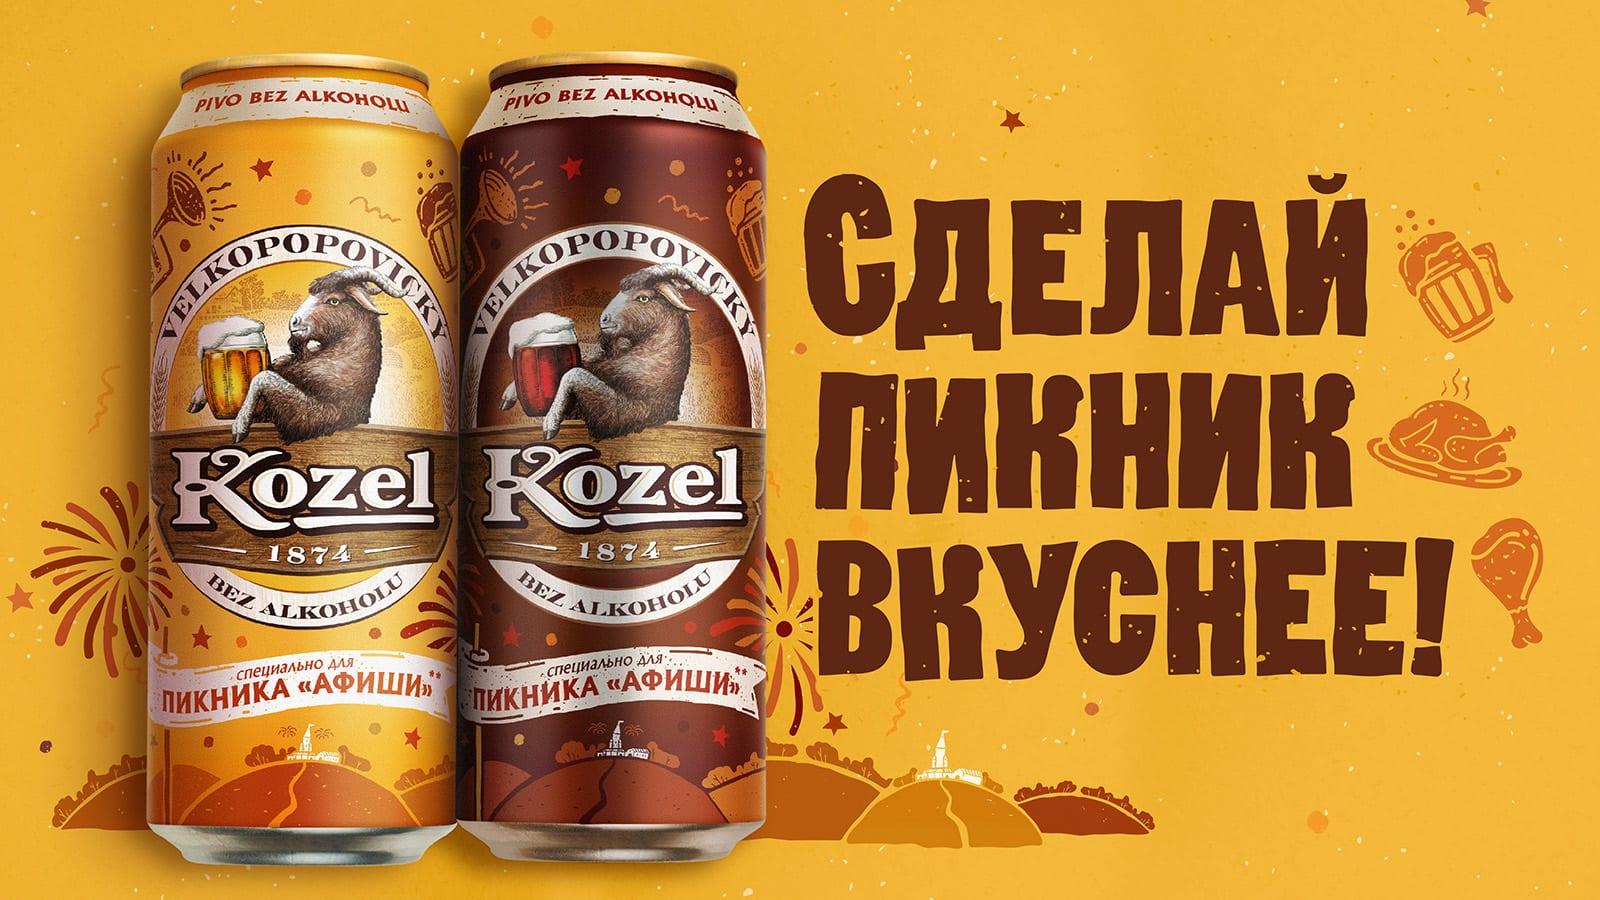 Velkopopovicky Kozel Limited 03 - Limitovaná edice Velkopopovického Kozla pro festival Afisha